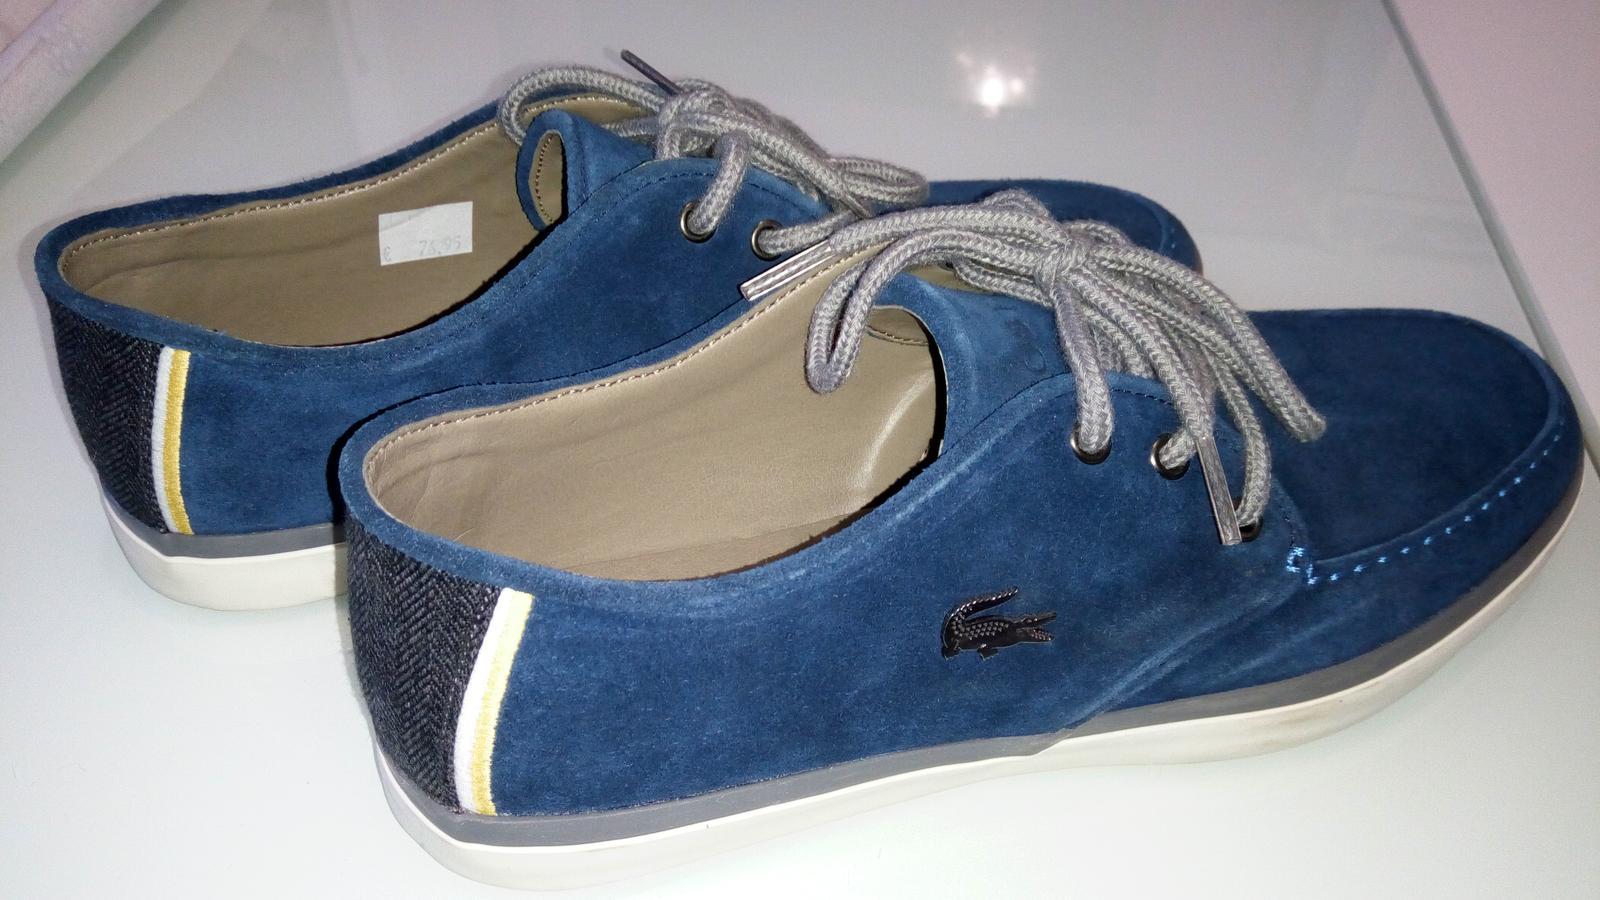 91c327133b94 Zavri podmienky predaja. Pánske Lacoste topánky